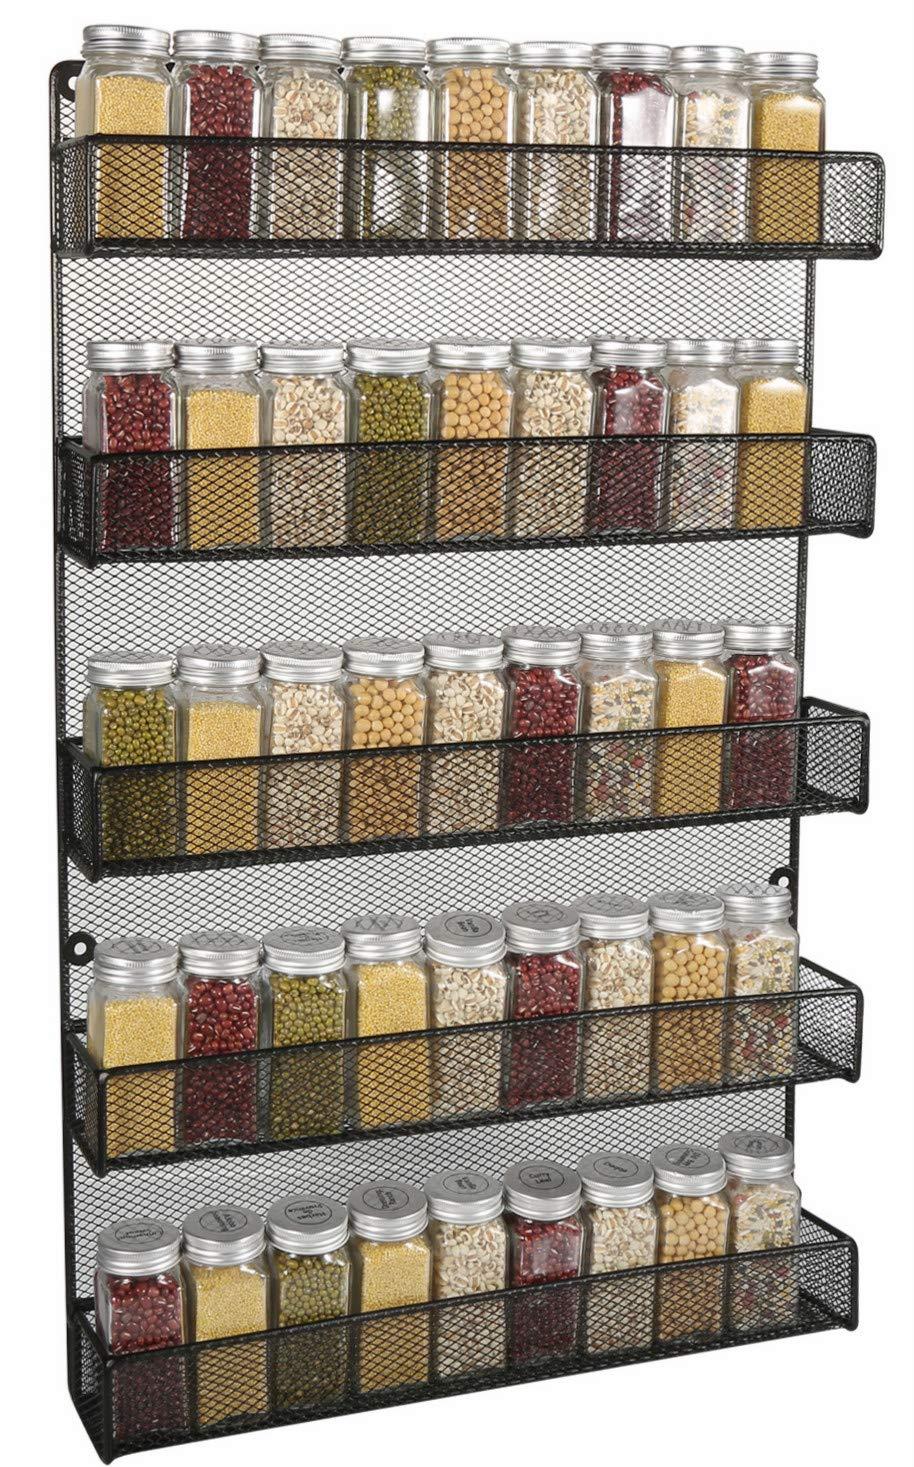 5 Tier Kitchen Wall Mount Spice Rack Organizer Large Kitchen Spice Storage Shelf (Black) by Welcare